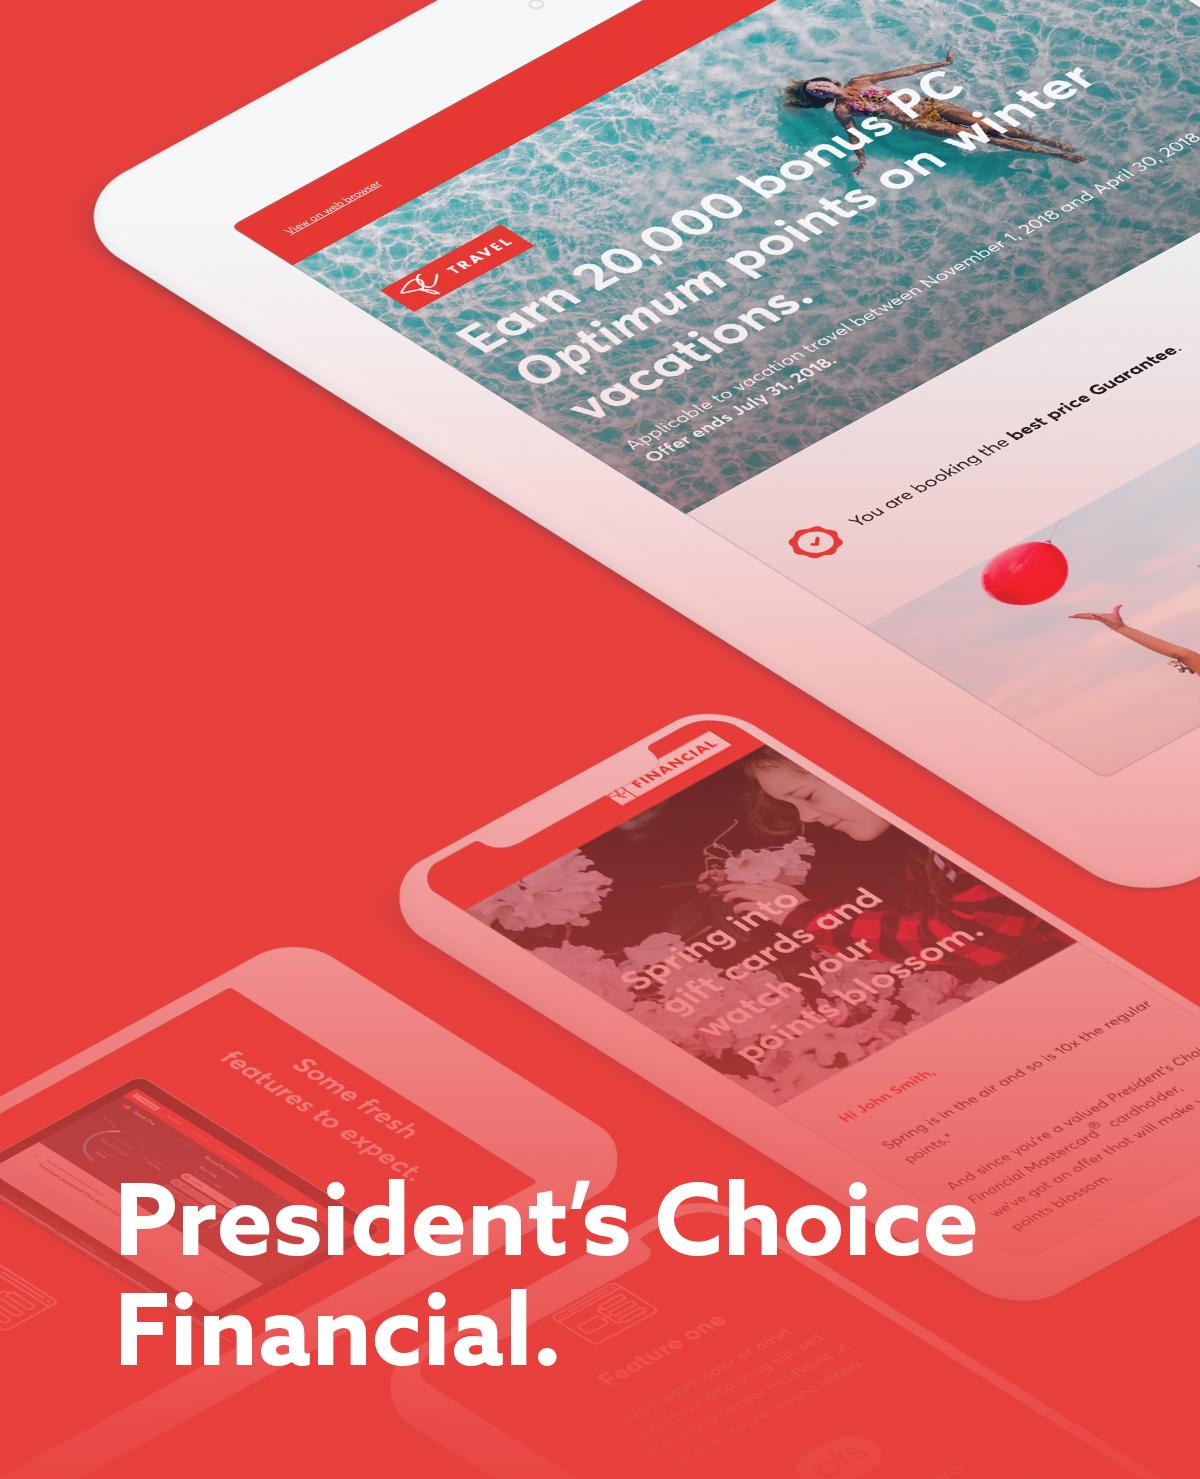 President's Choice